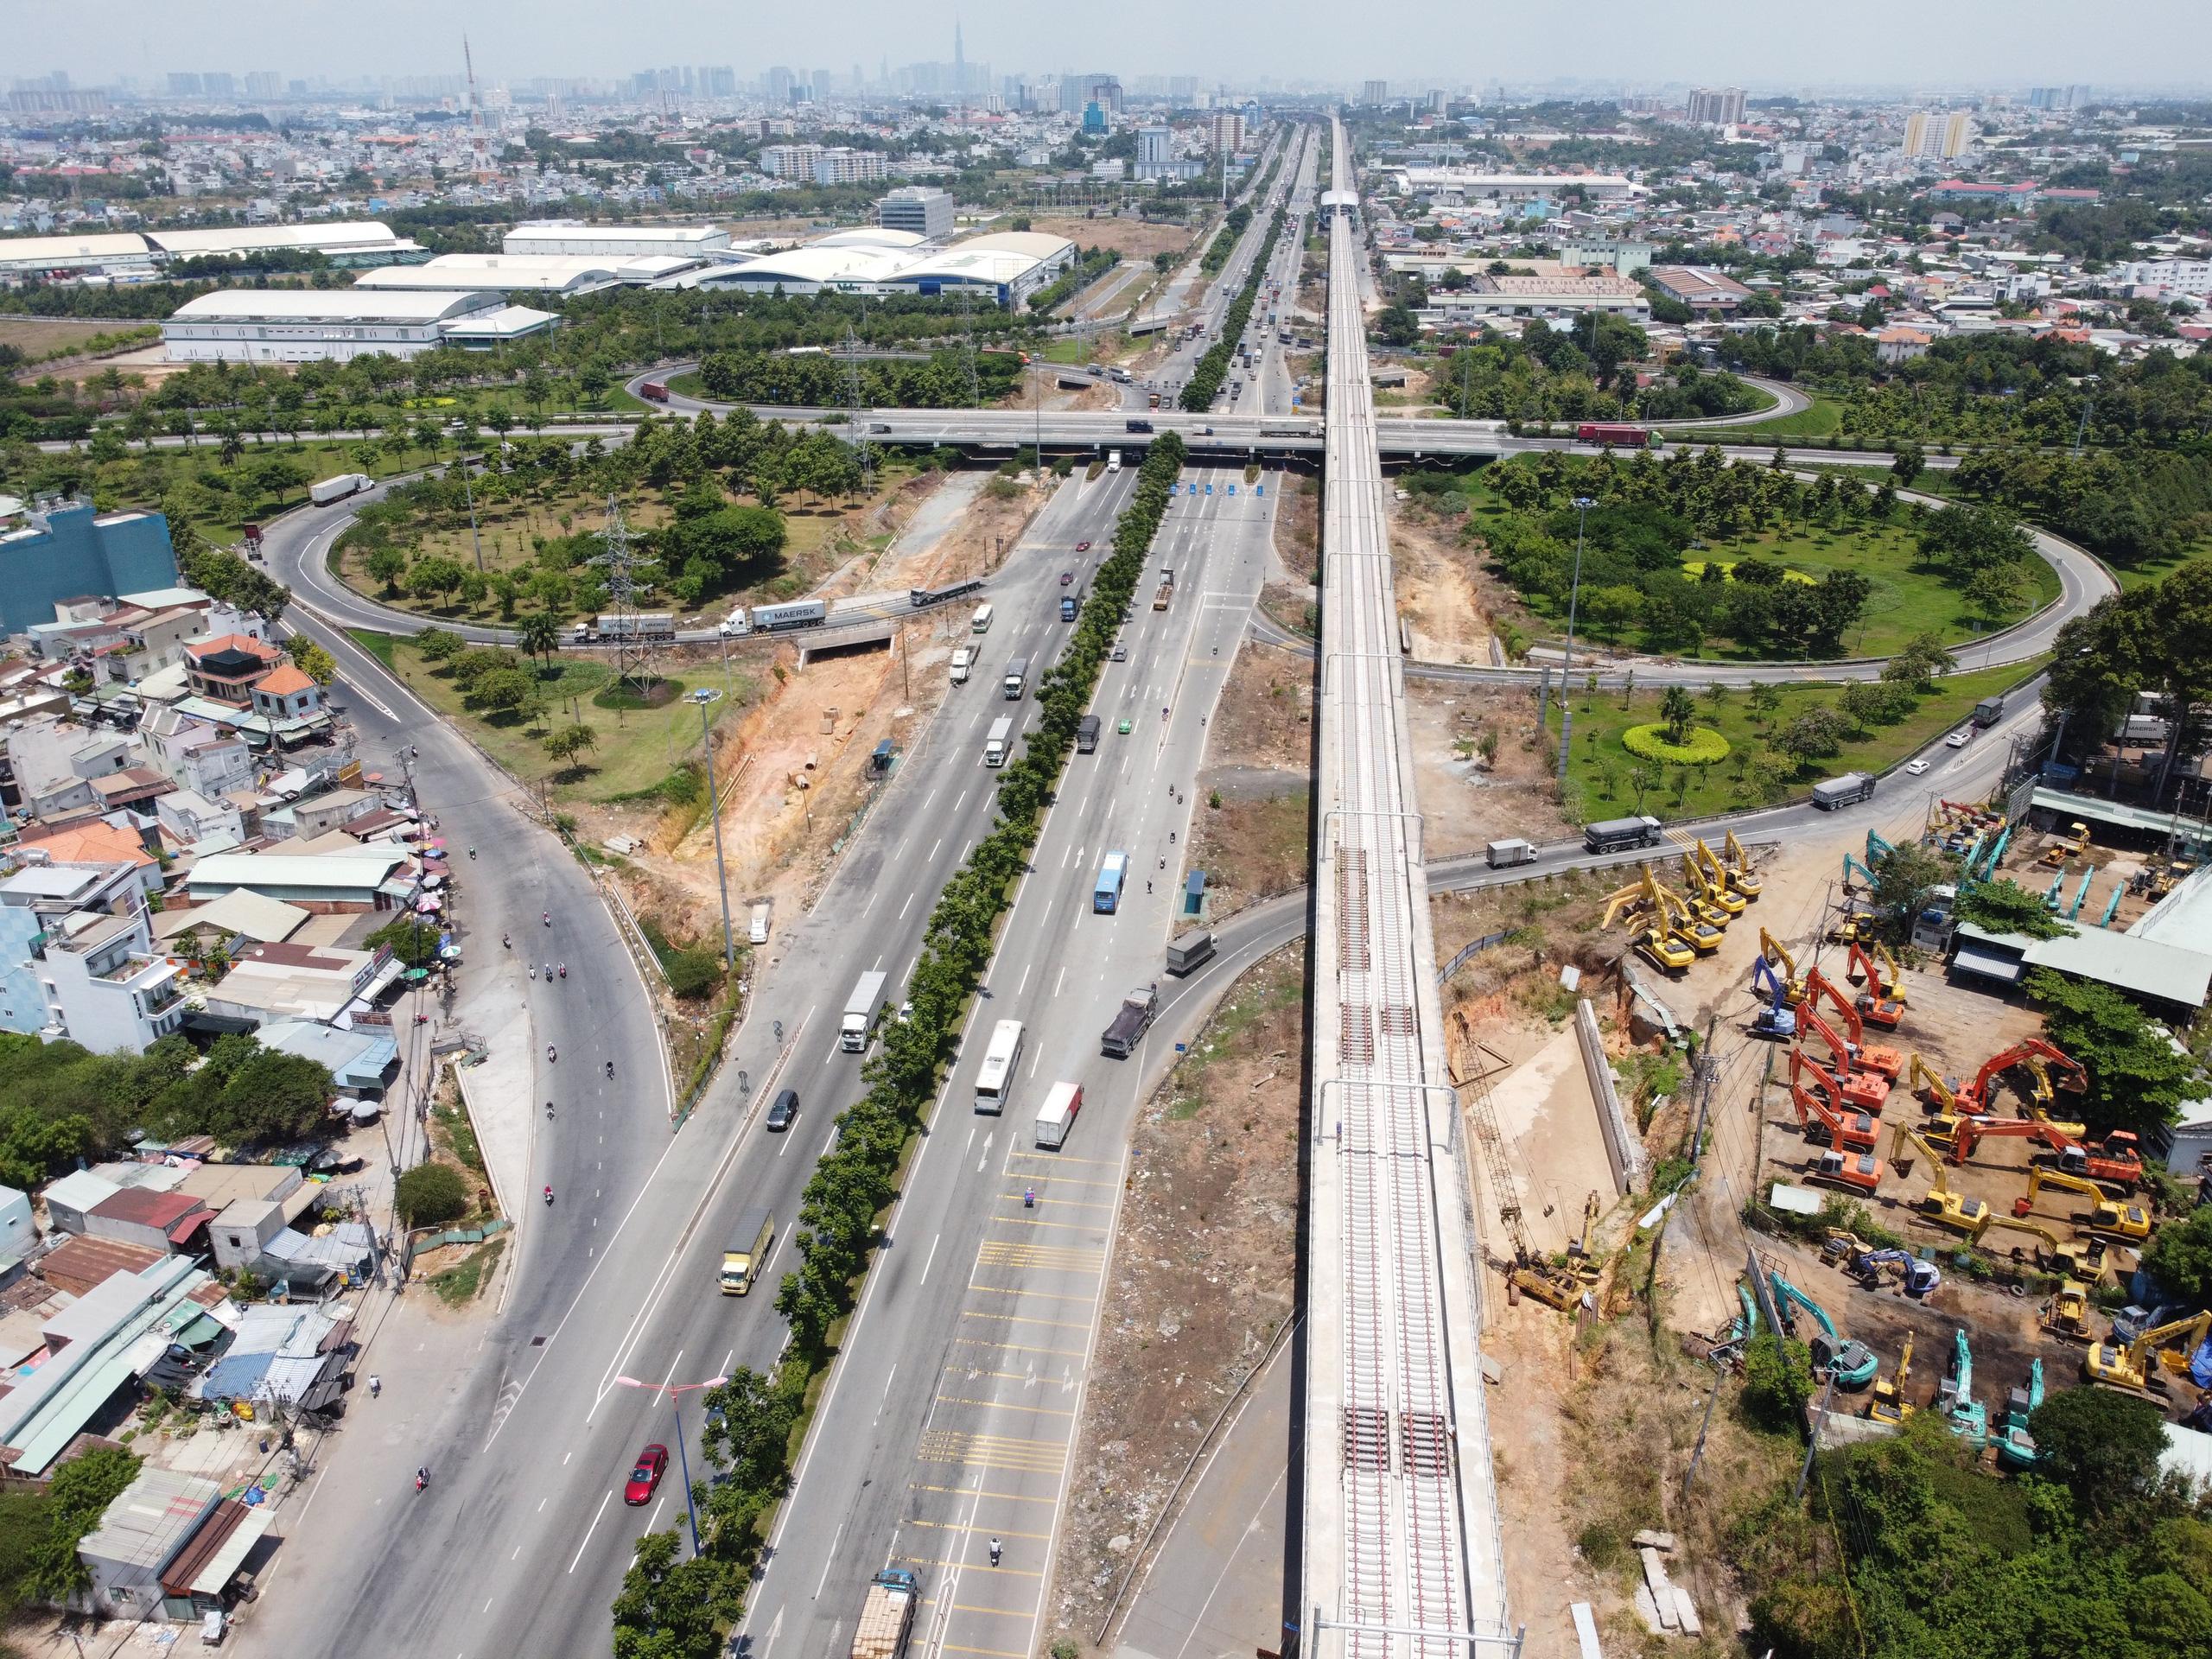 Cận cảnh tuyến đường sắt metro Bến Thành - Suối Tiên trước ngày đón đoàn tàu số 2 và 3 - Ảnh 10.